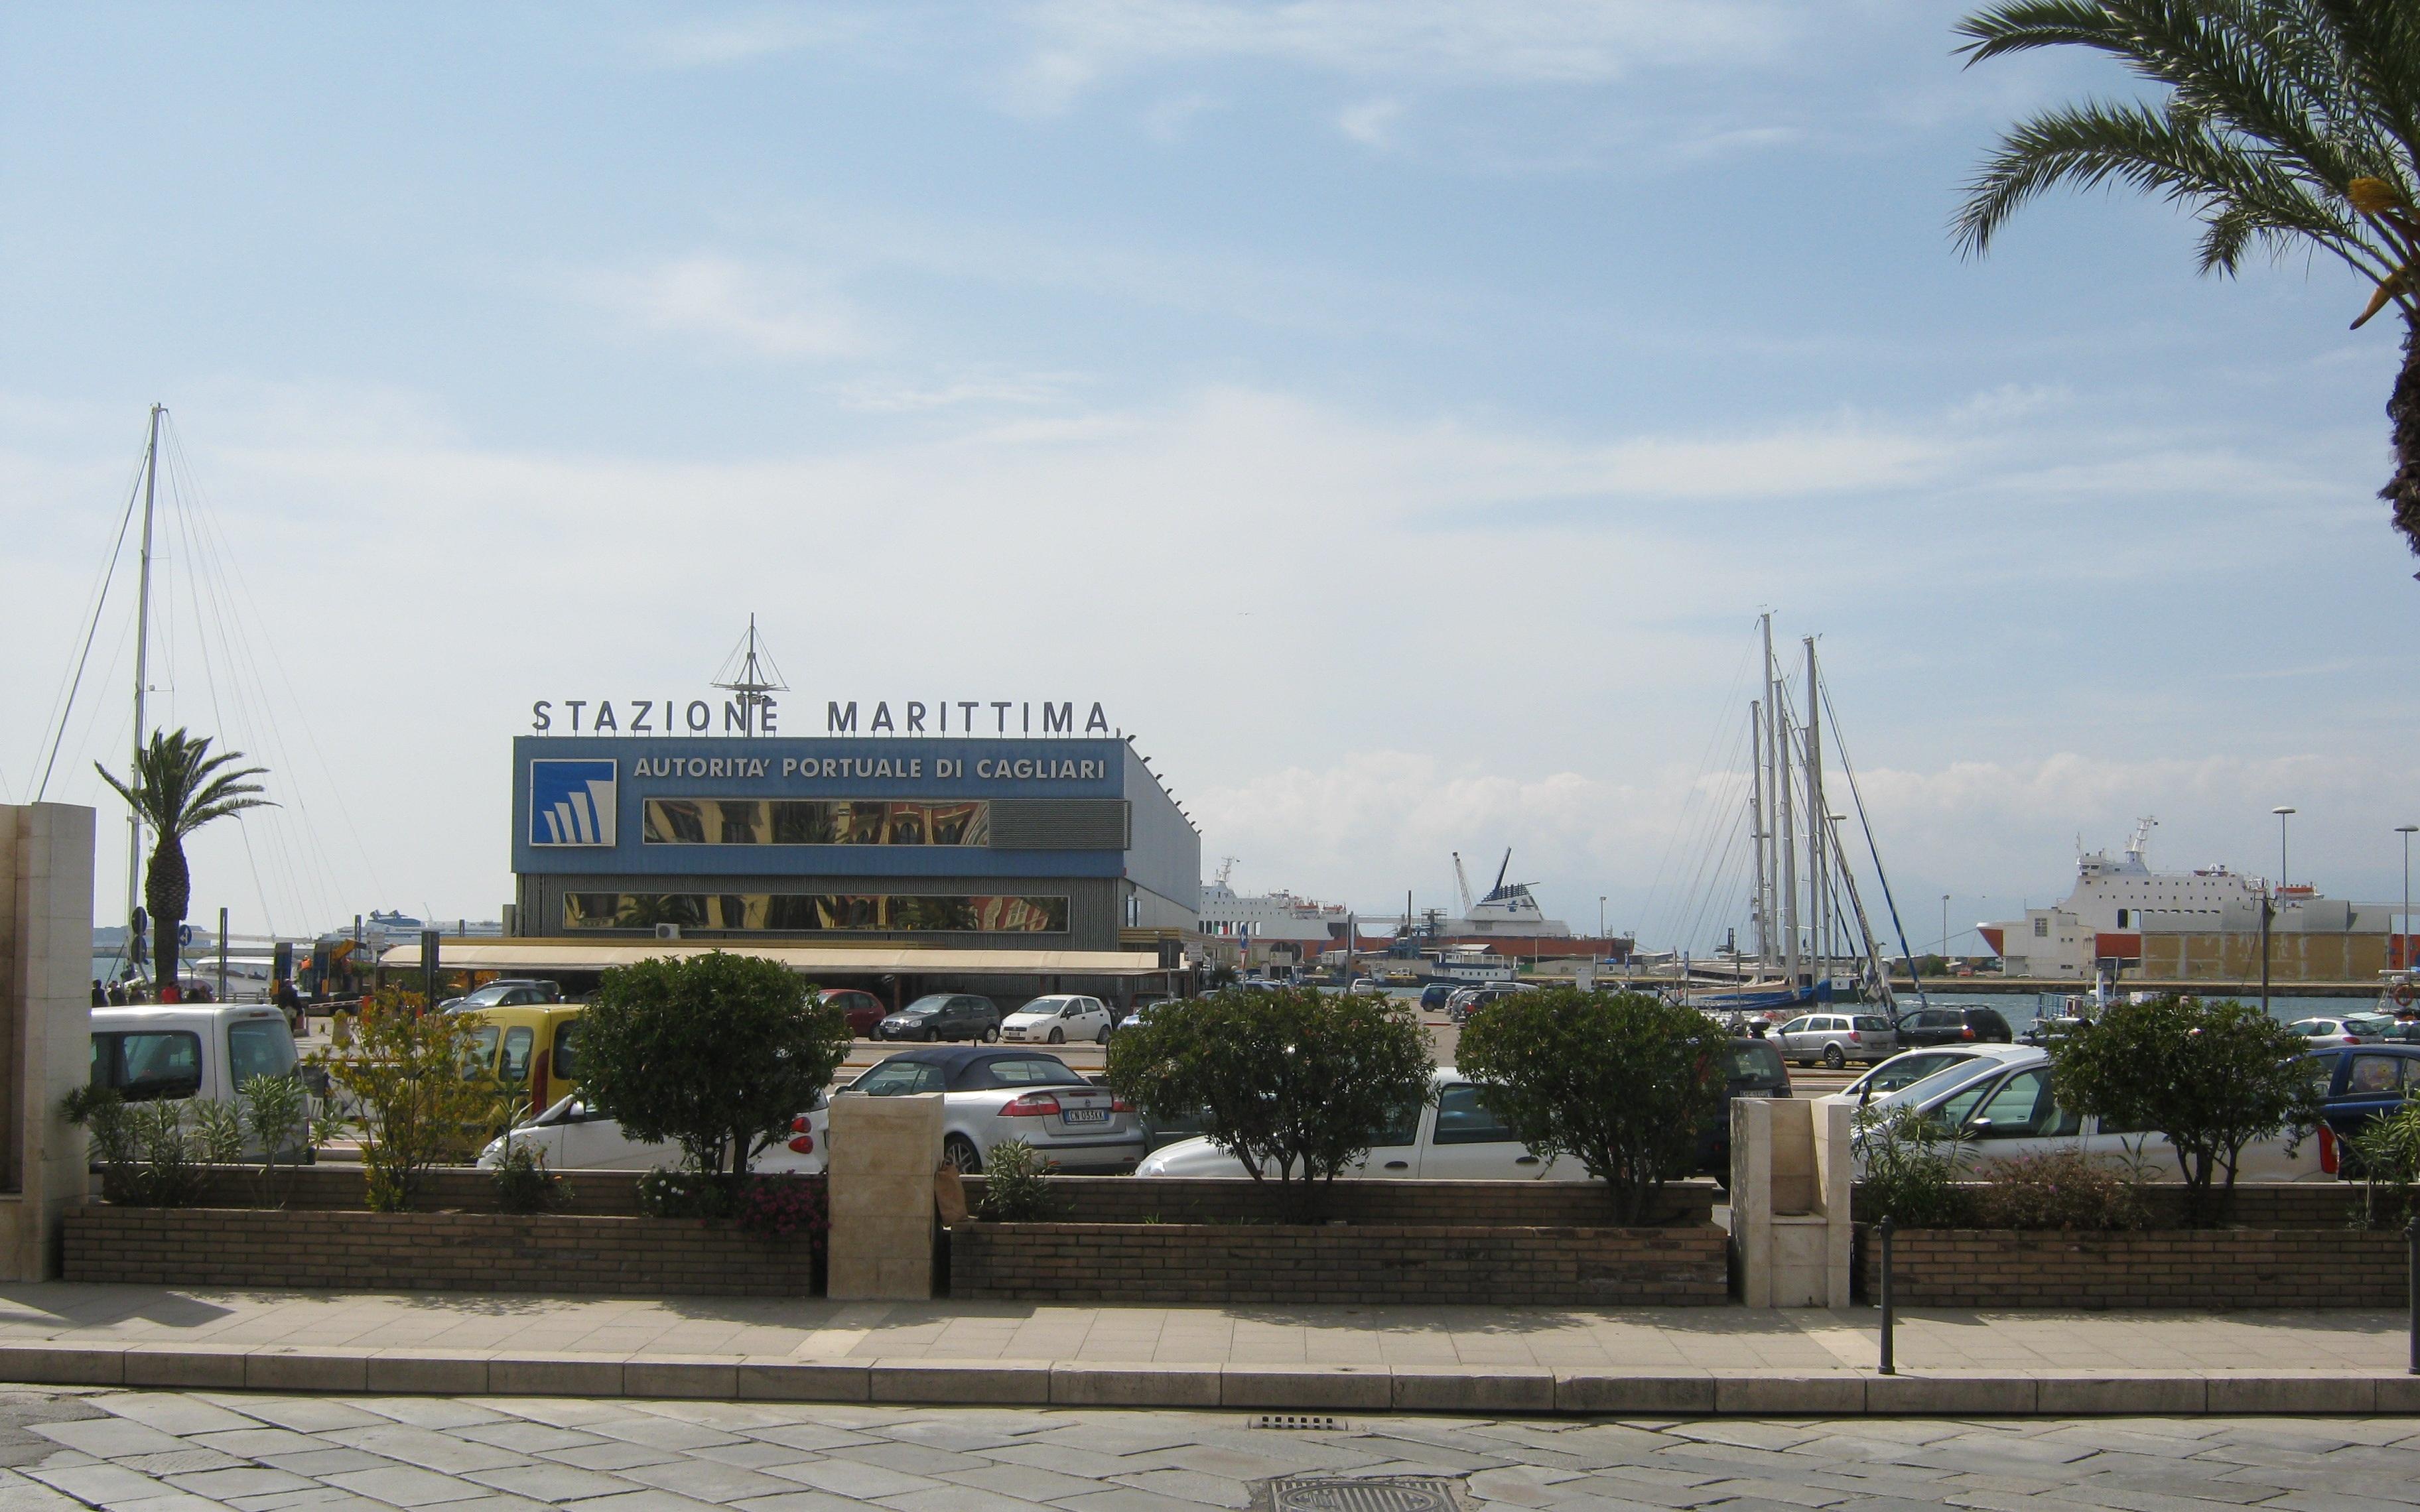 Cagliari - Stazione marittima